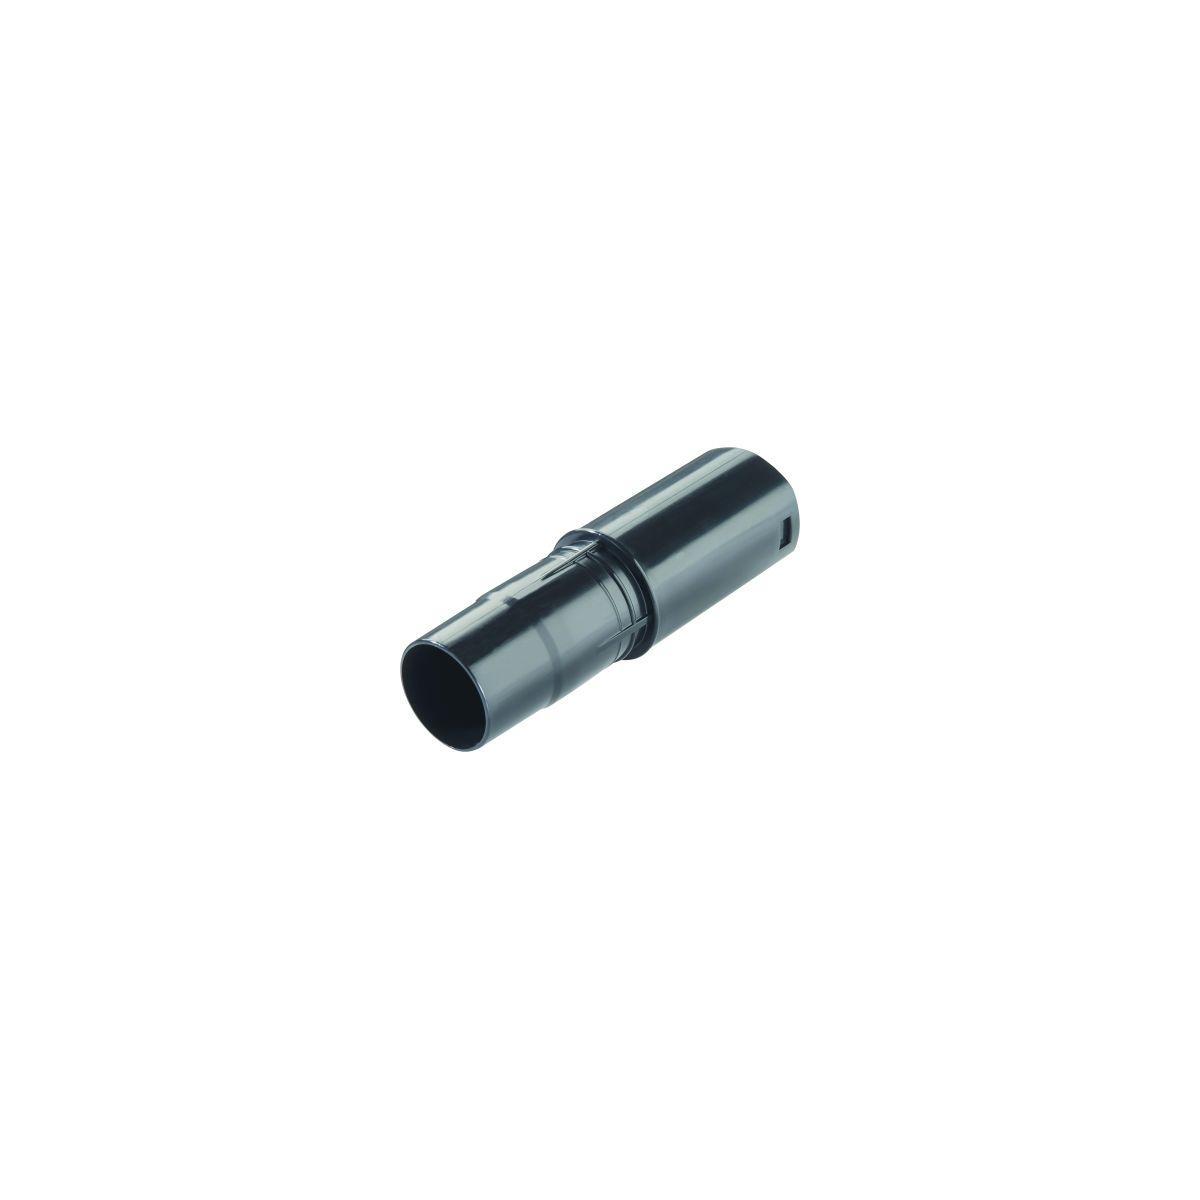 Accessoire electrolux ze126b adaptateur - 7% de remise immédiate avec le code : cool7